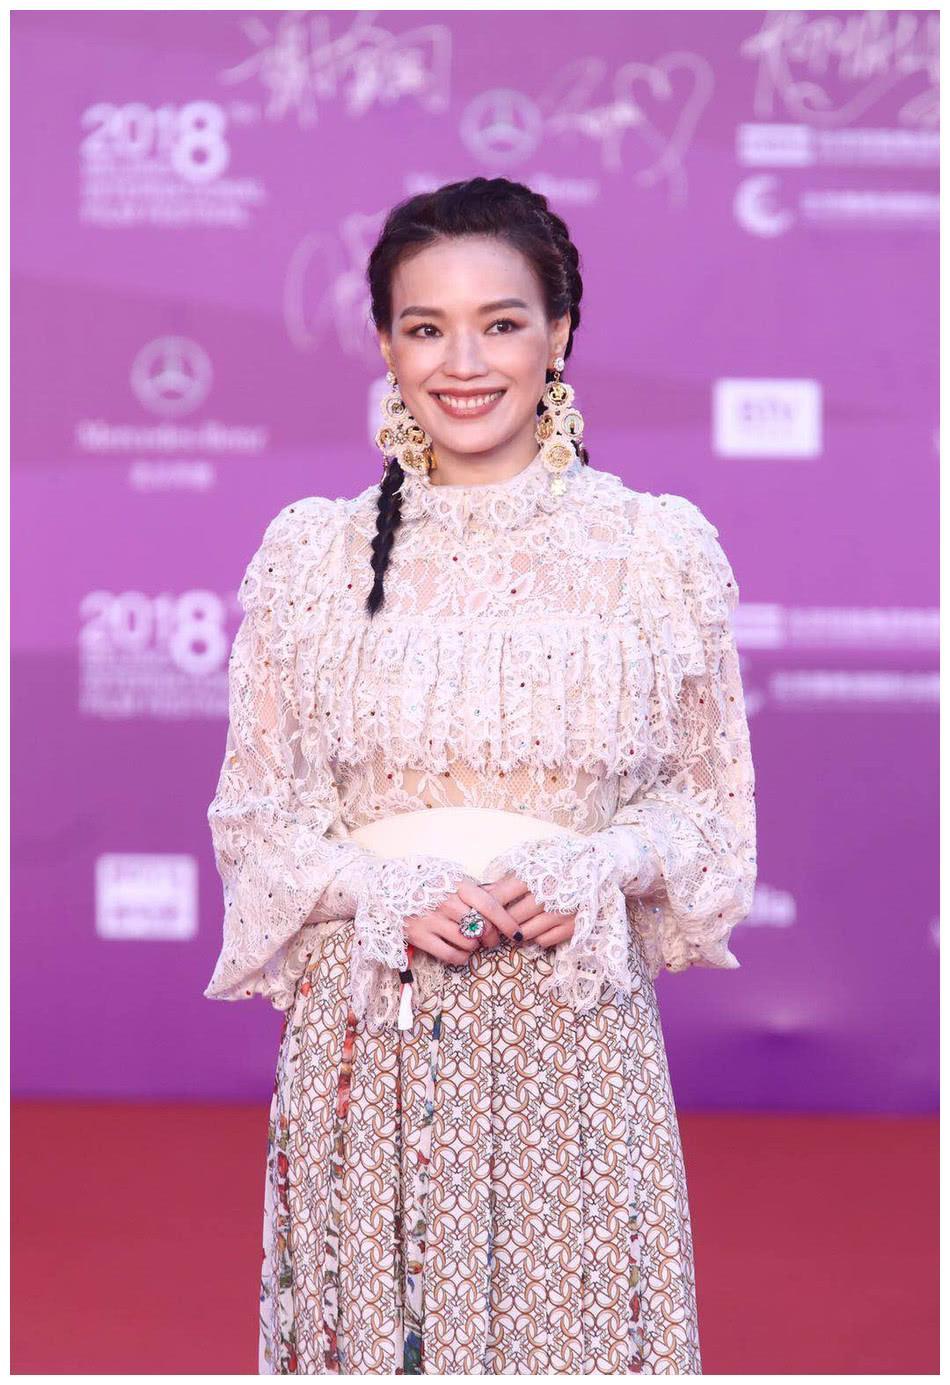 北影节林志玲舒淇美炸了,佟丽娅像仙女,关晓彤又被骂了